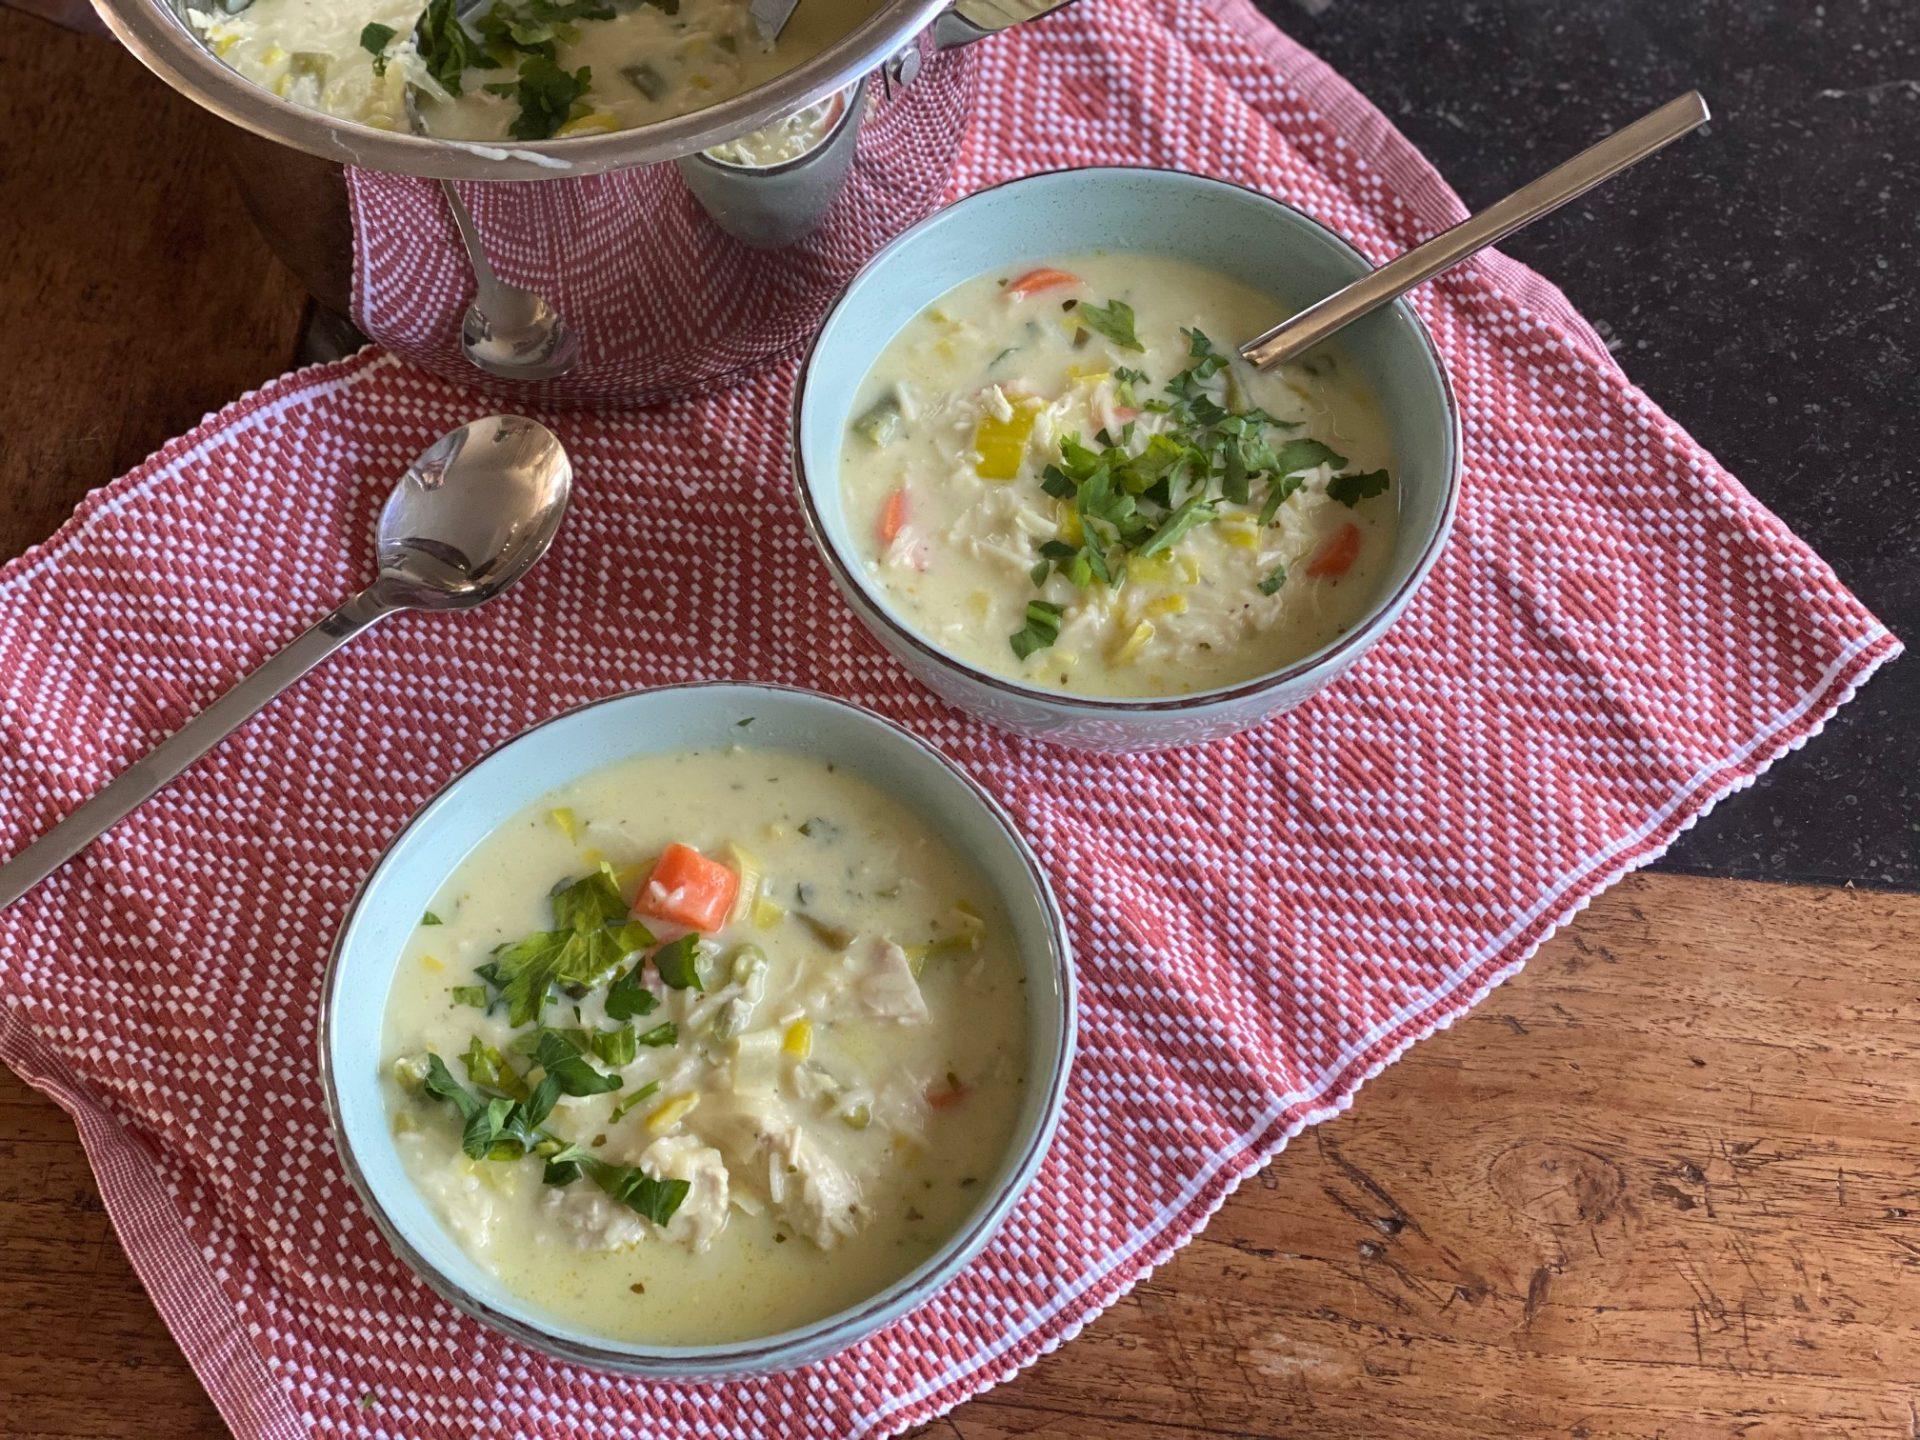 Romige kippensoep met veel groente - Foodblog Foodinista